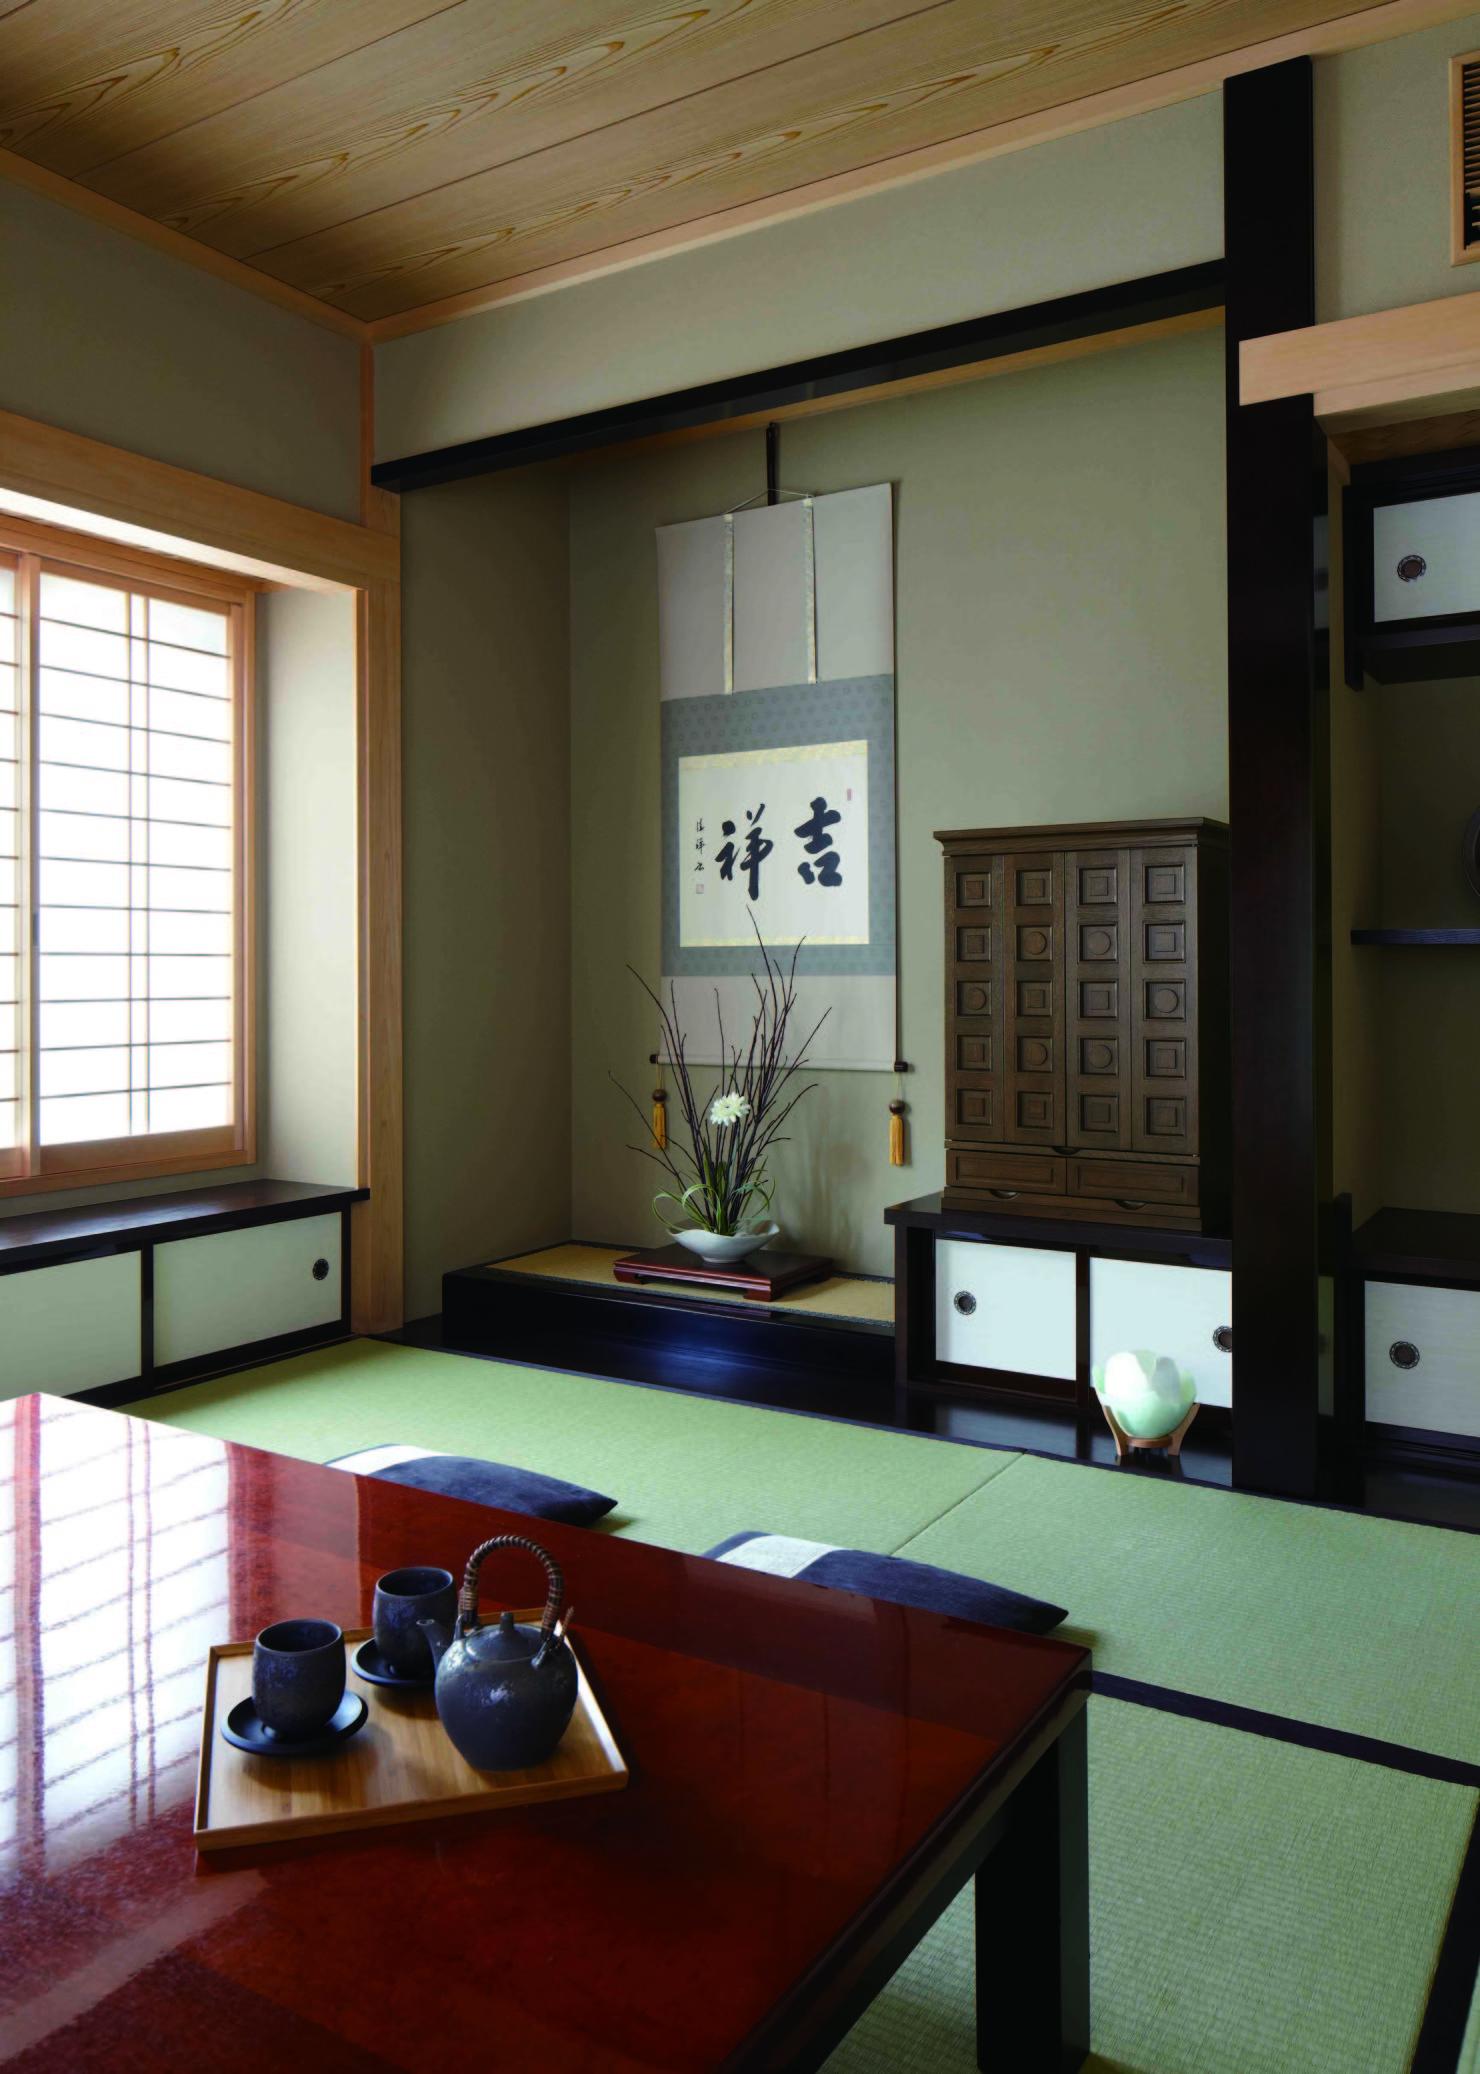 和室に似合う現代仏壇「チェレスタ」京都の老舗仏壇店が紹介する現代仏壇の魅力